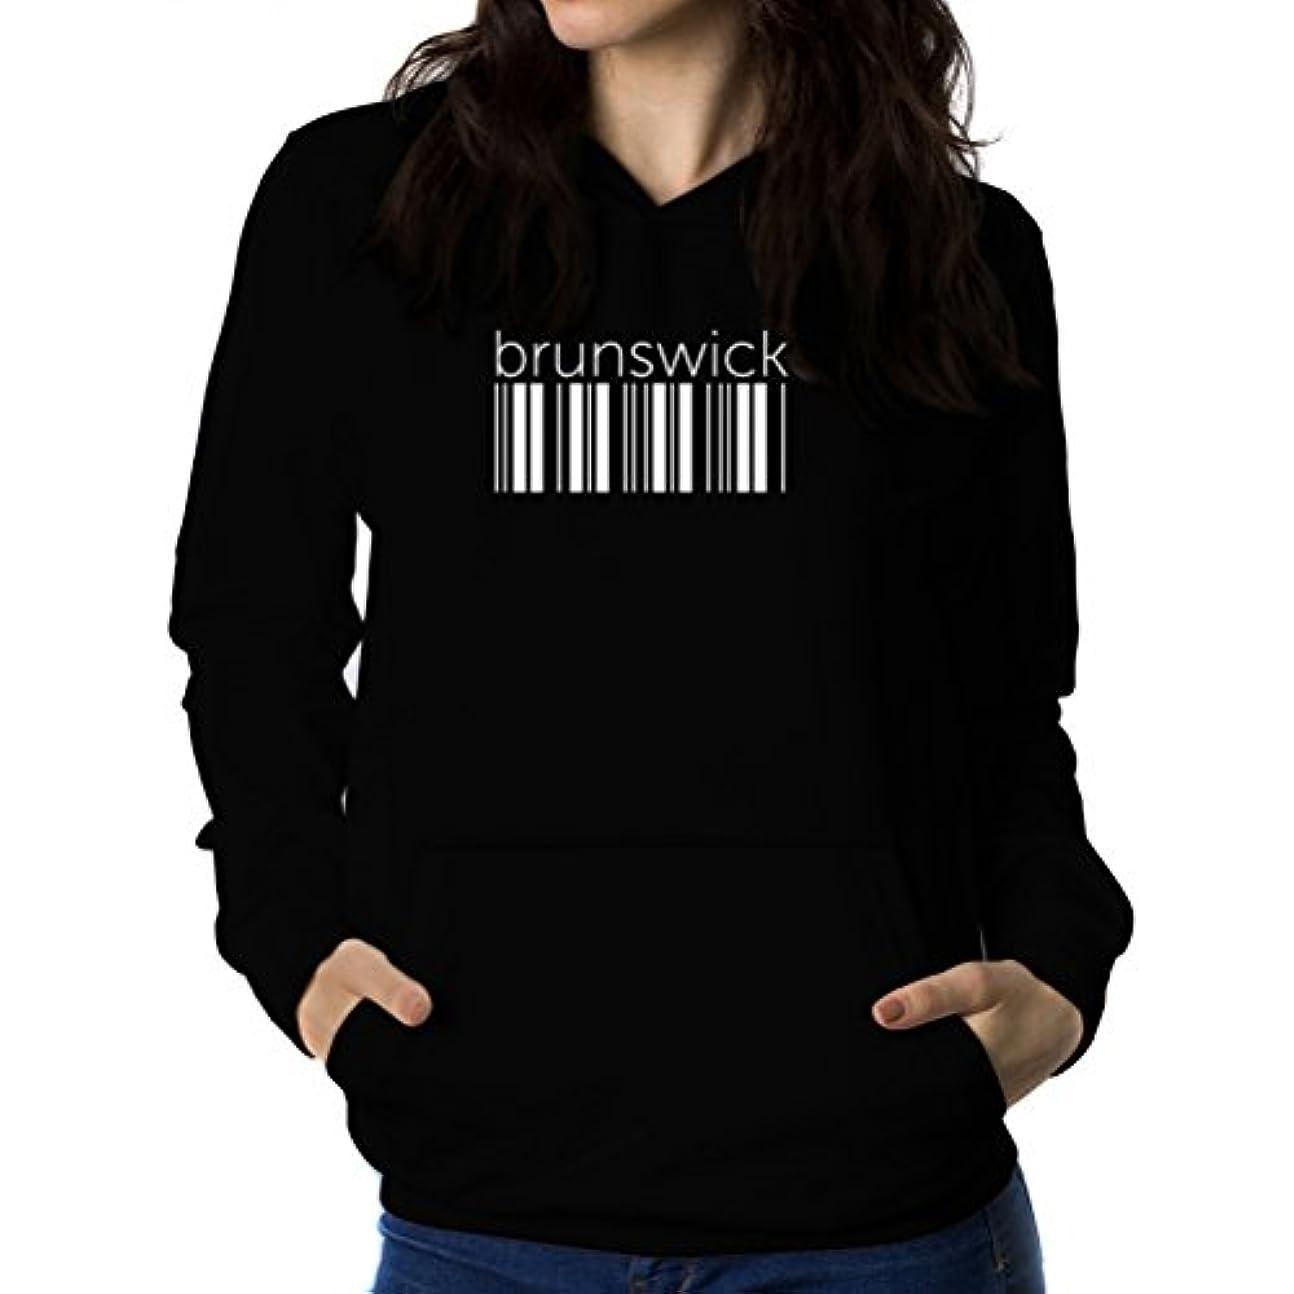 分割不道徳へこみBrunswick barcode 女性 フーディー